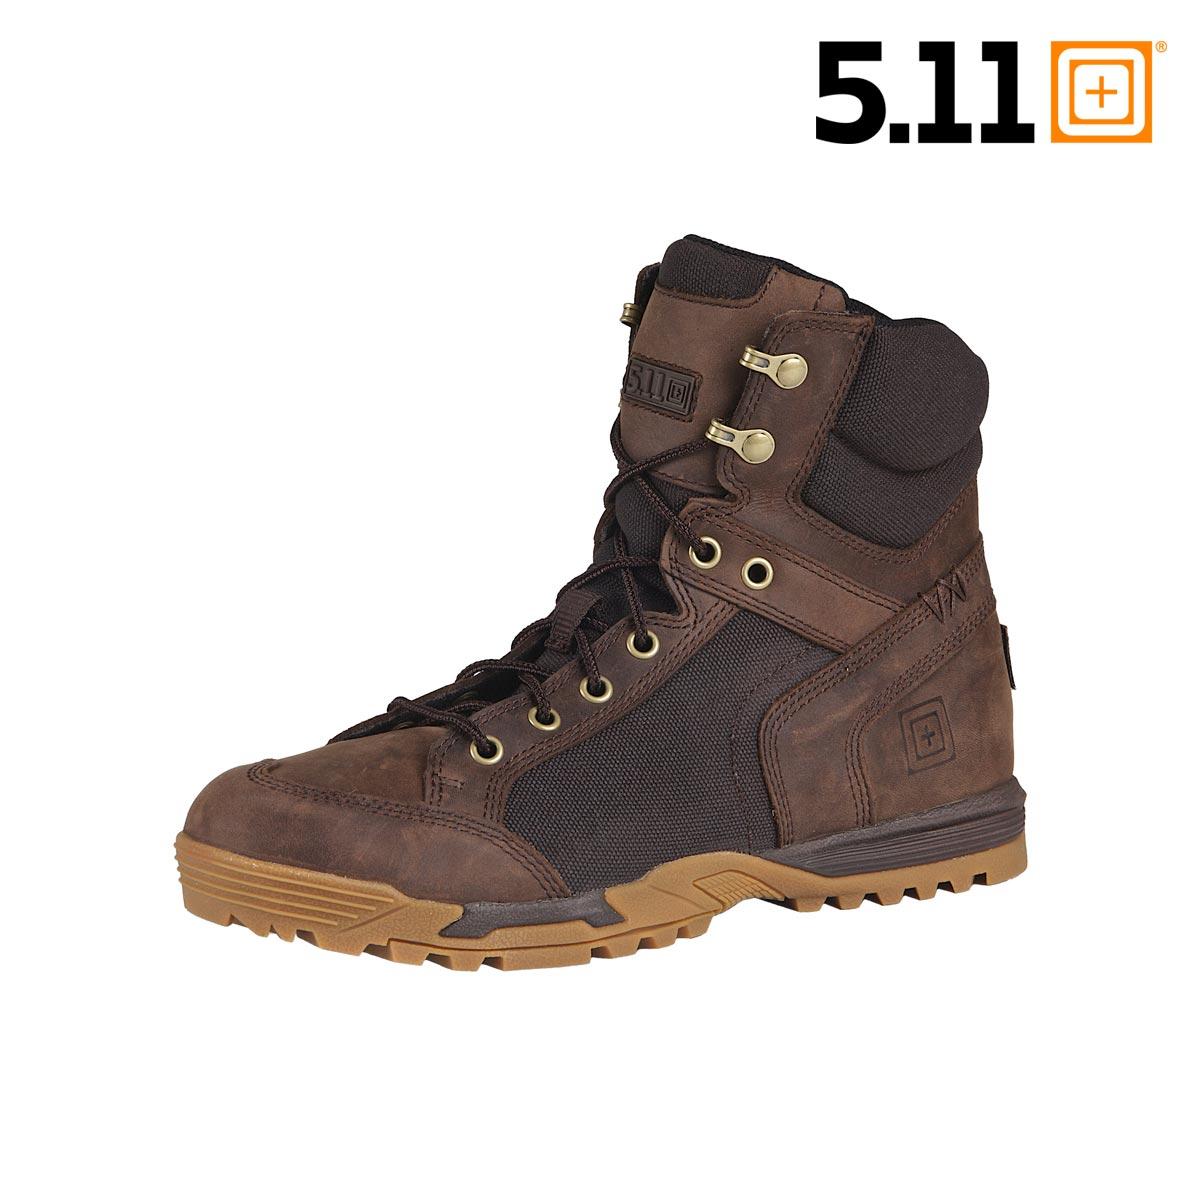 """20% de réduction sur tout le site (hors exceptions et promotions) - Ex : chaussures Pursuit Advance 6"""" 5.11 Tactical - Terrang.fr"""